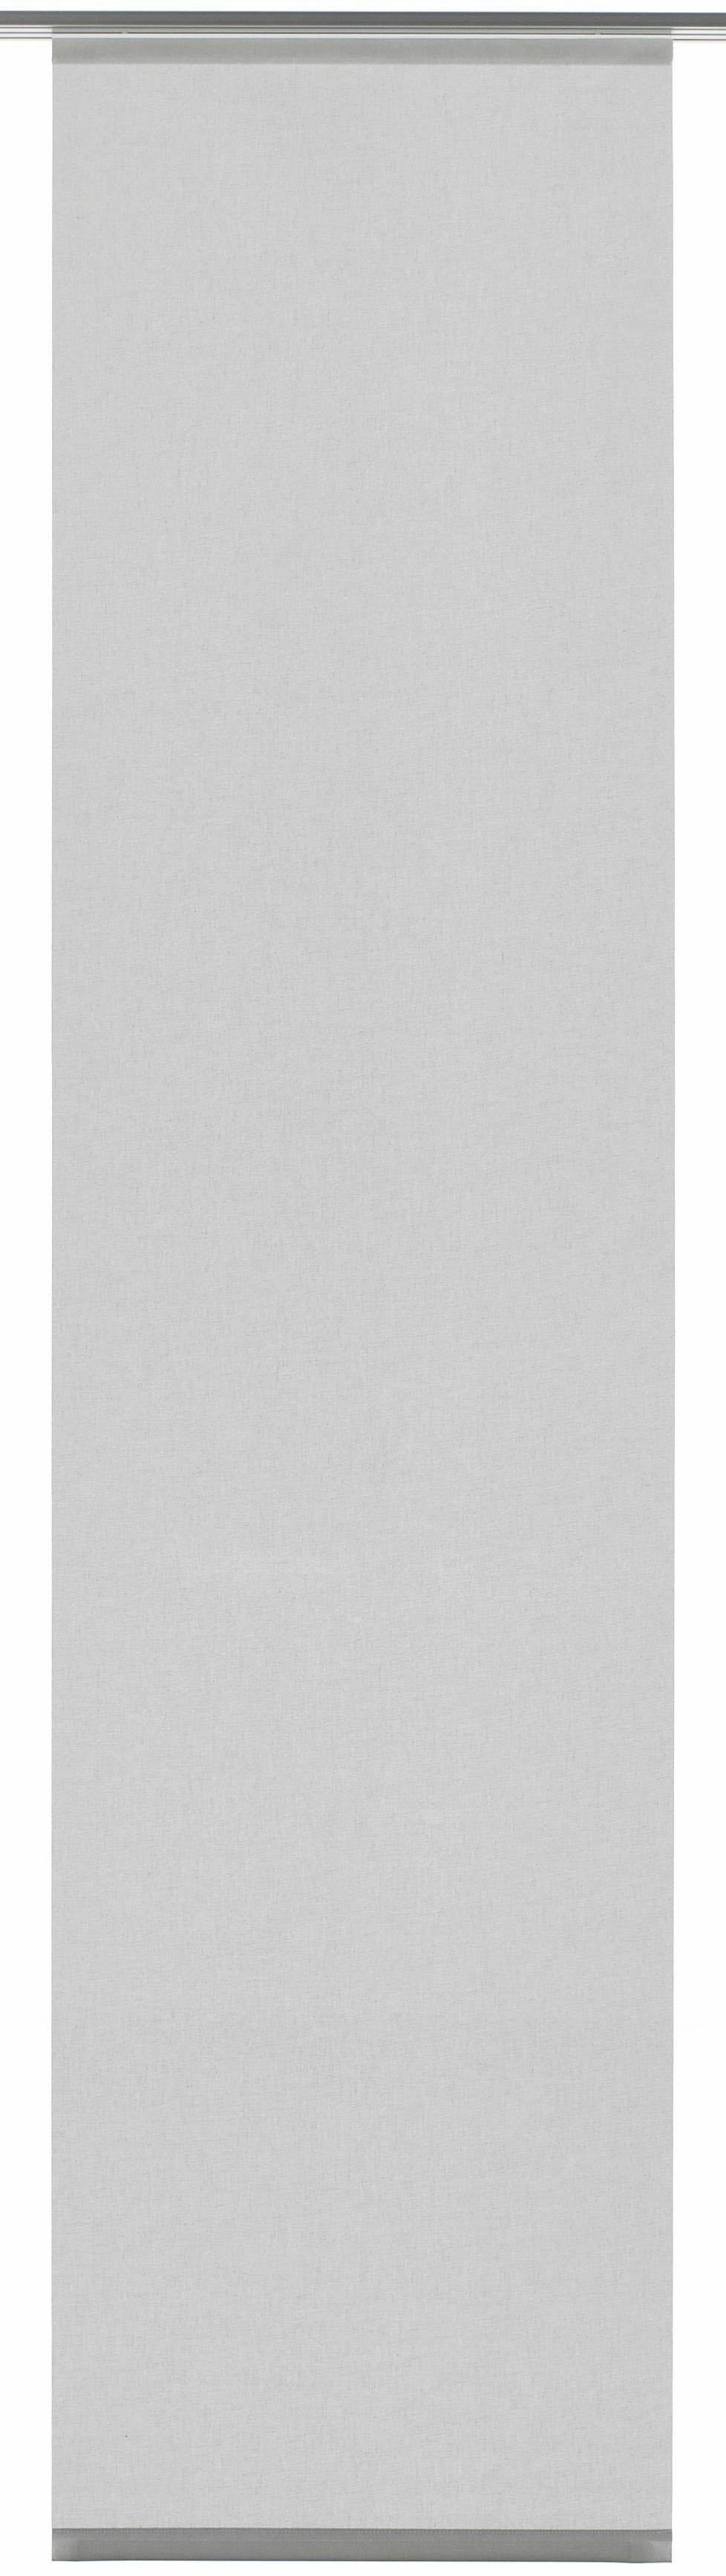 GARDINIA paneelgordijn stof uni met zilverkleurige rail (1 stuk) online kopen op otto.nl